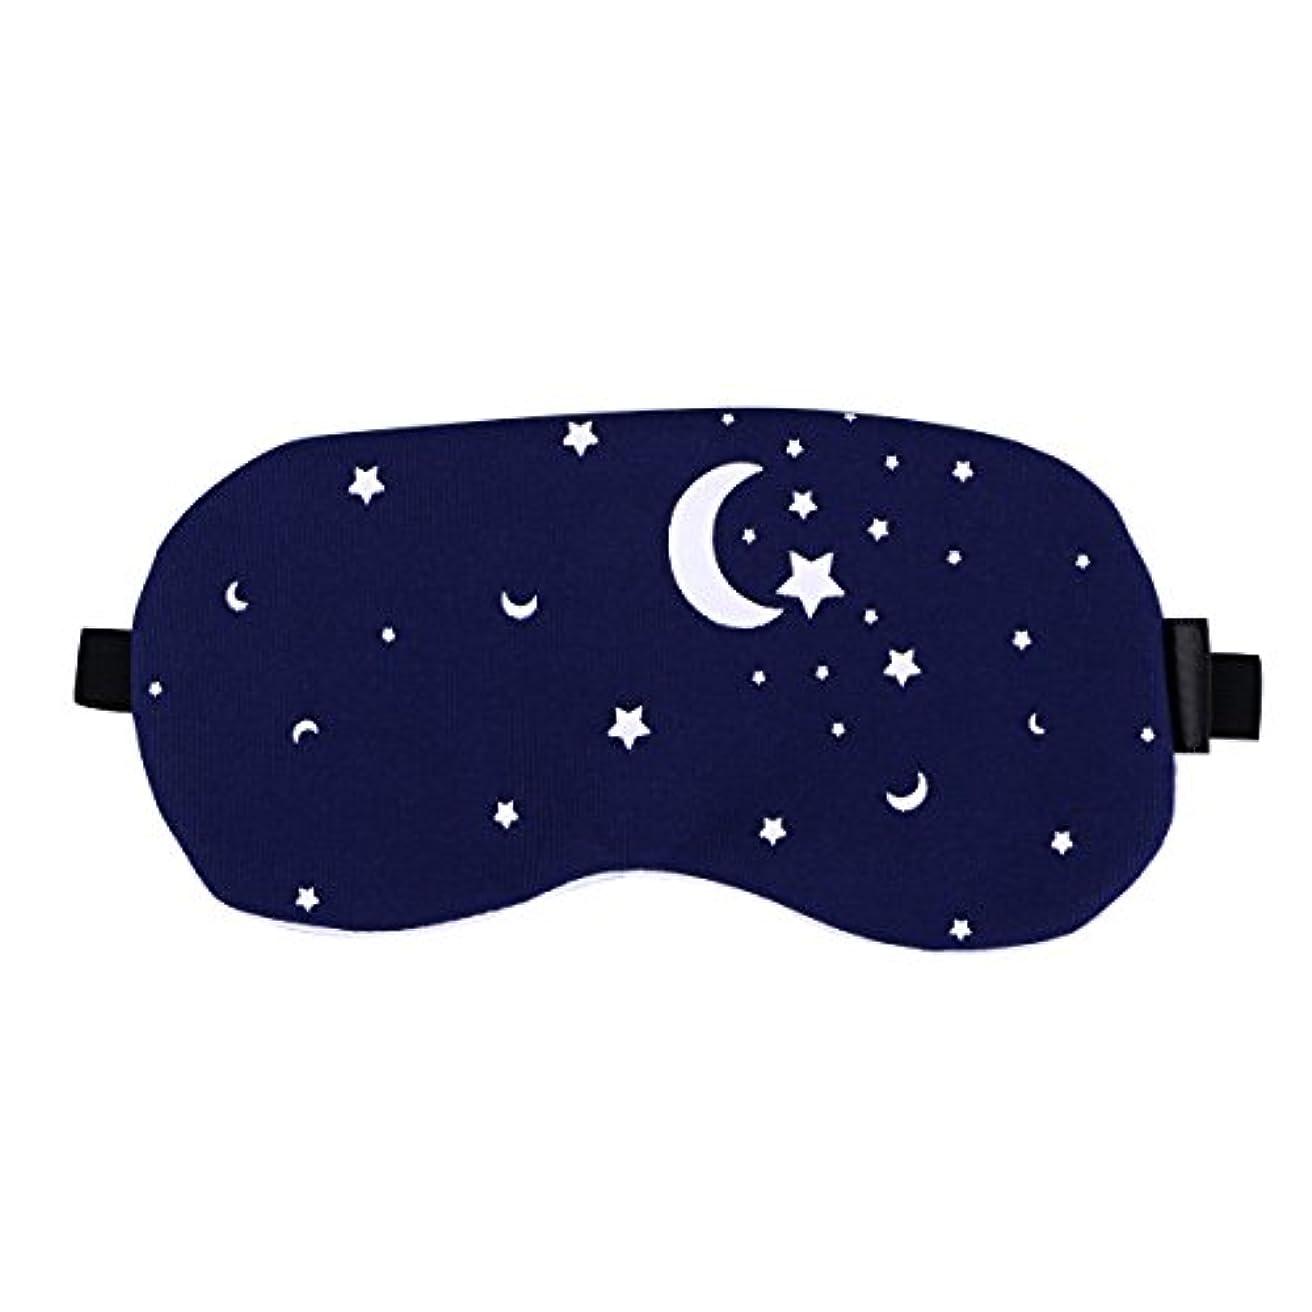 マイナス傾く頻繁にHealifty 男性と女性のための夜の眠りの目のマスクの綿とリネンの睡眠の盲目の睡眠のマスクのアイカバー調節可能なアイシェード(星空)